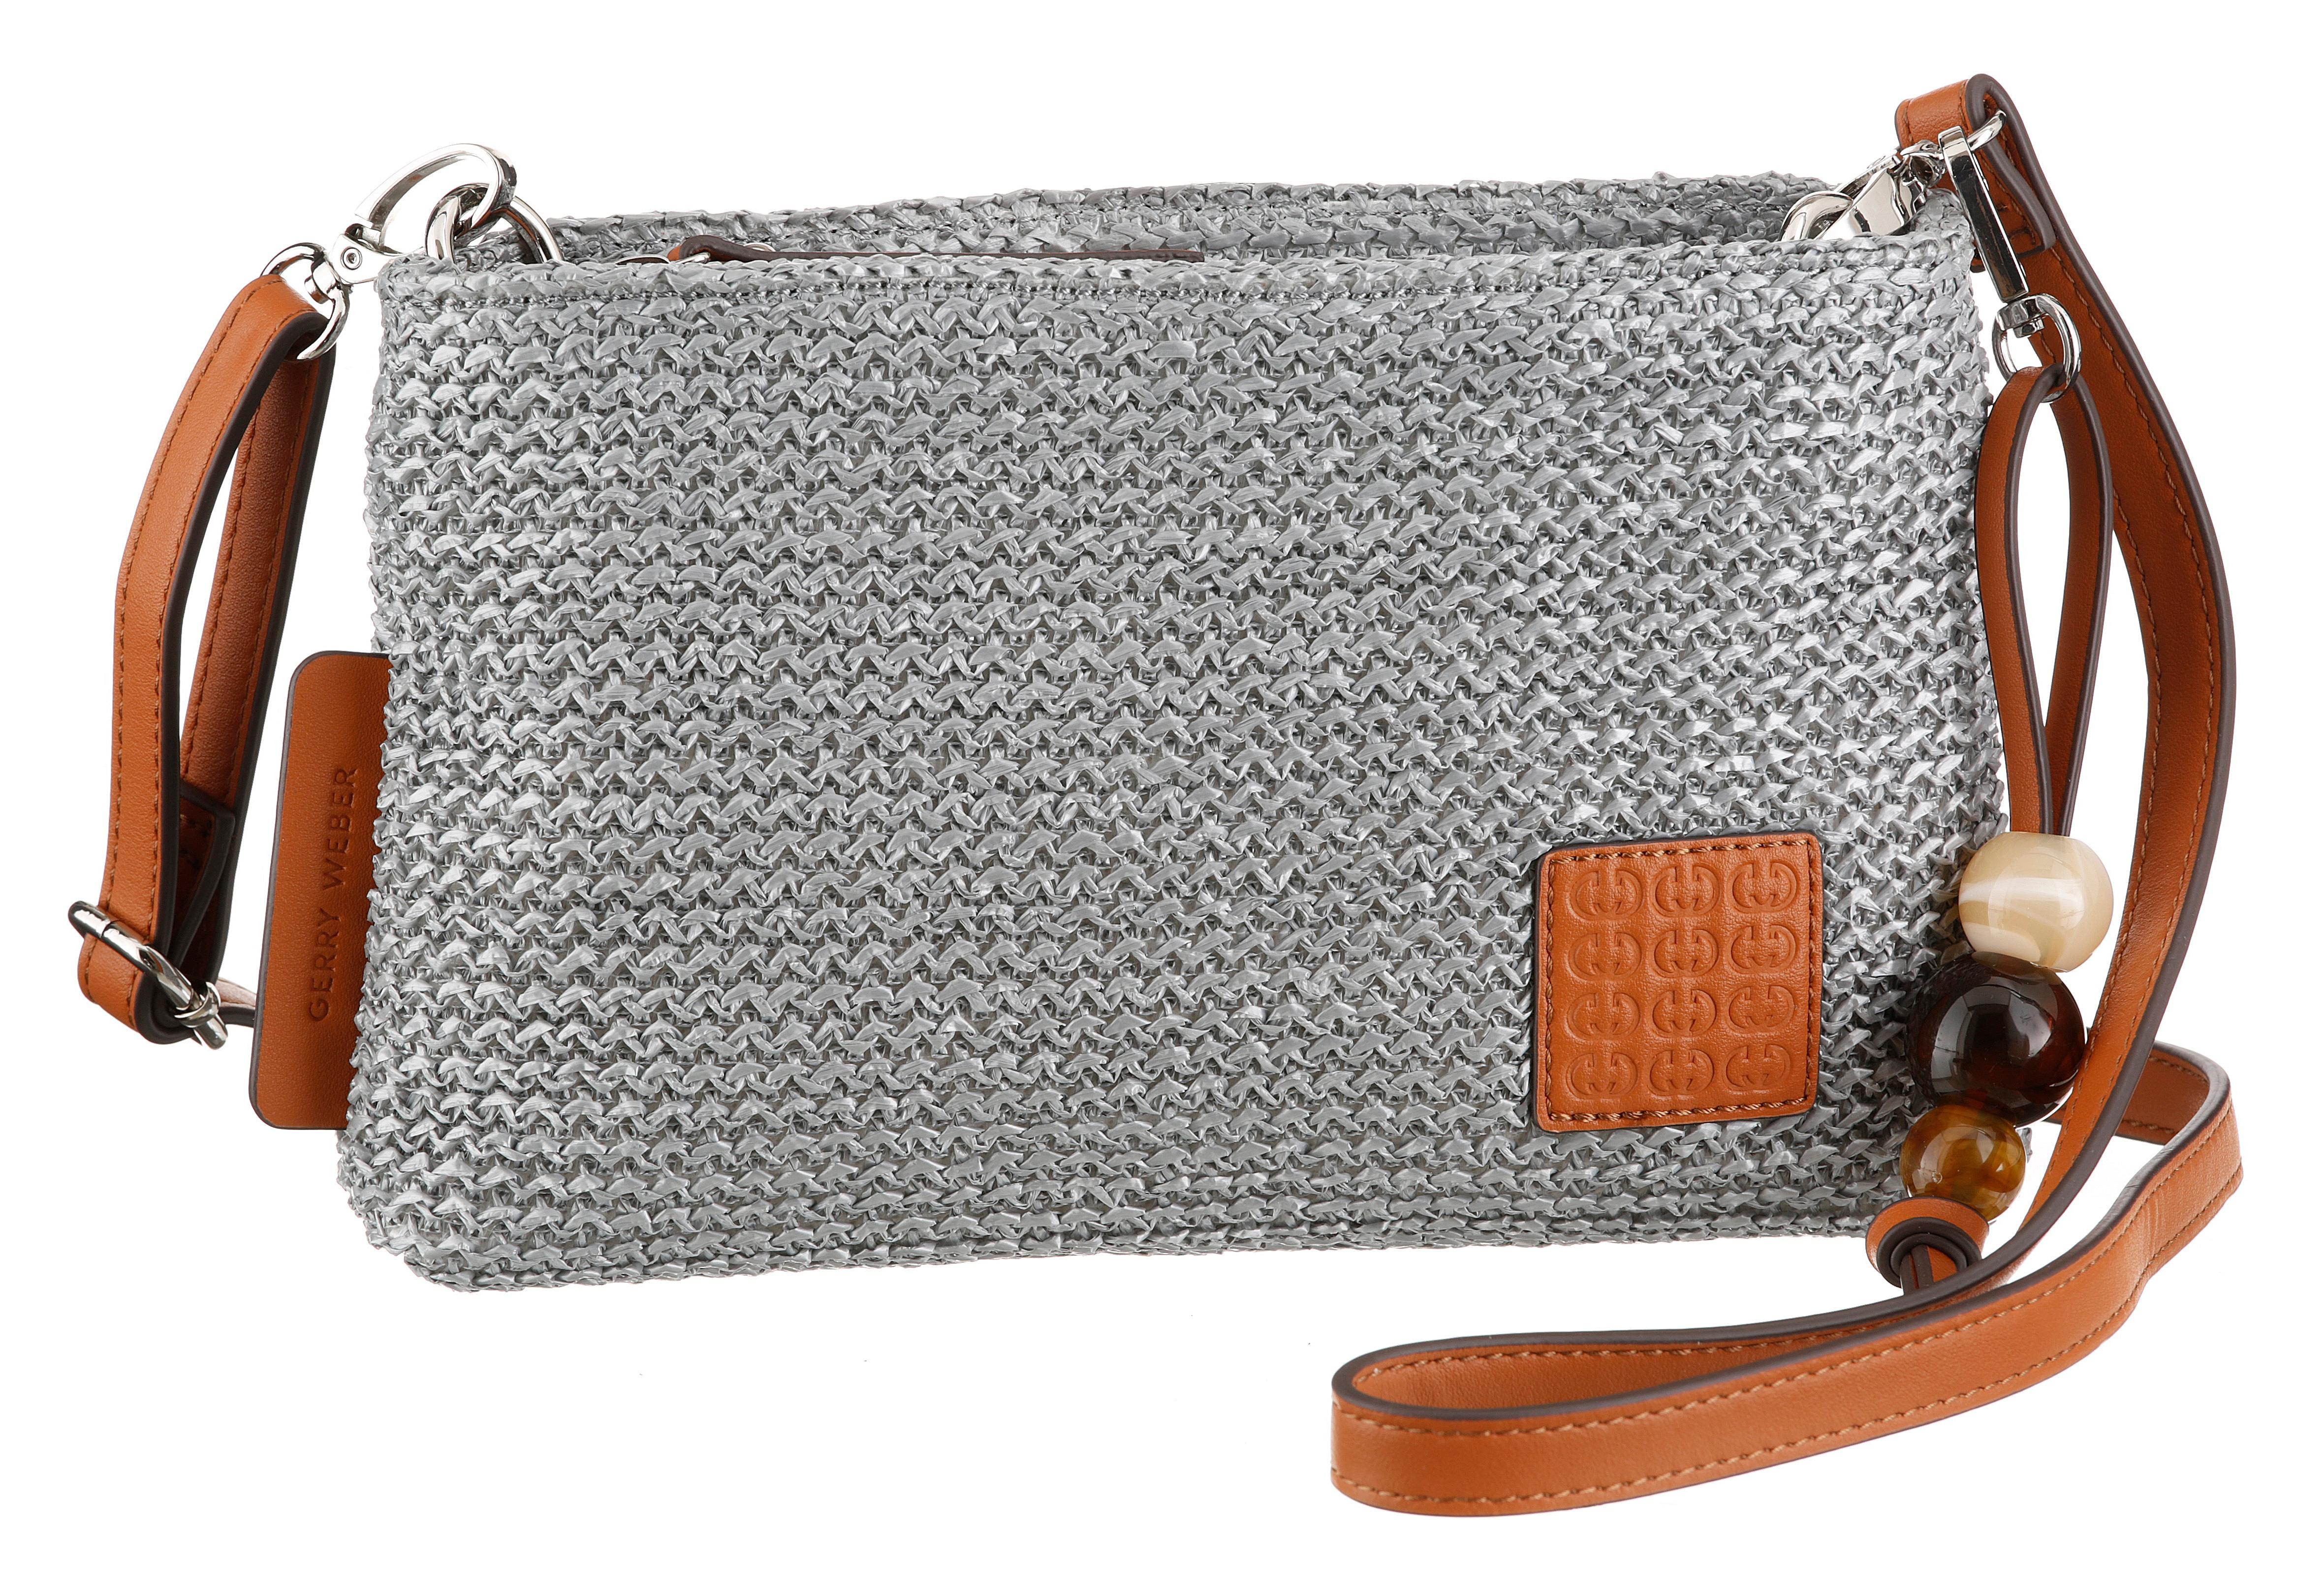 gerry weber bags -  Umhängetasche, mit schönem Zieranhänger